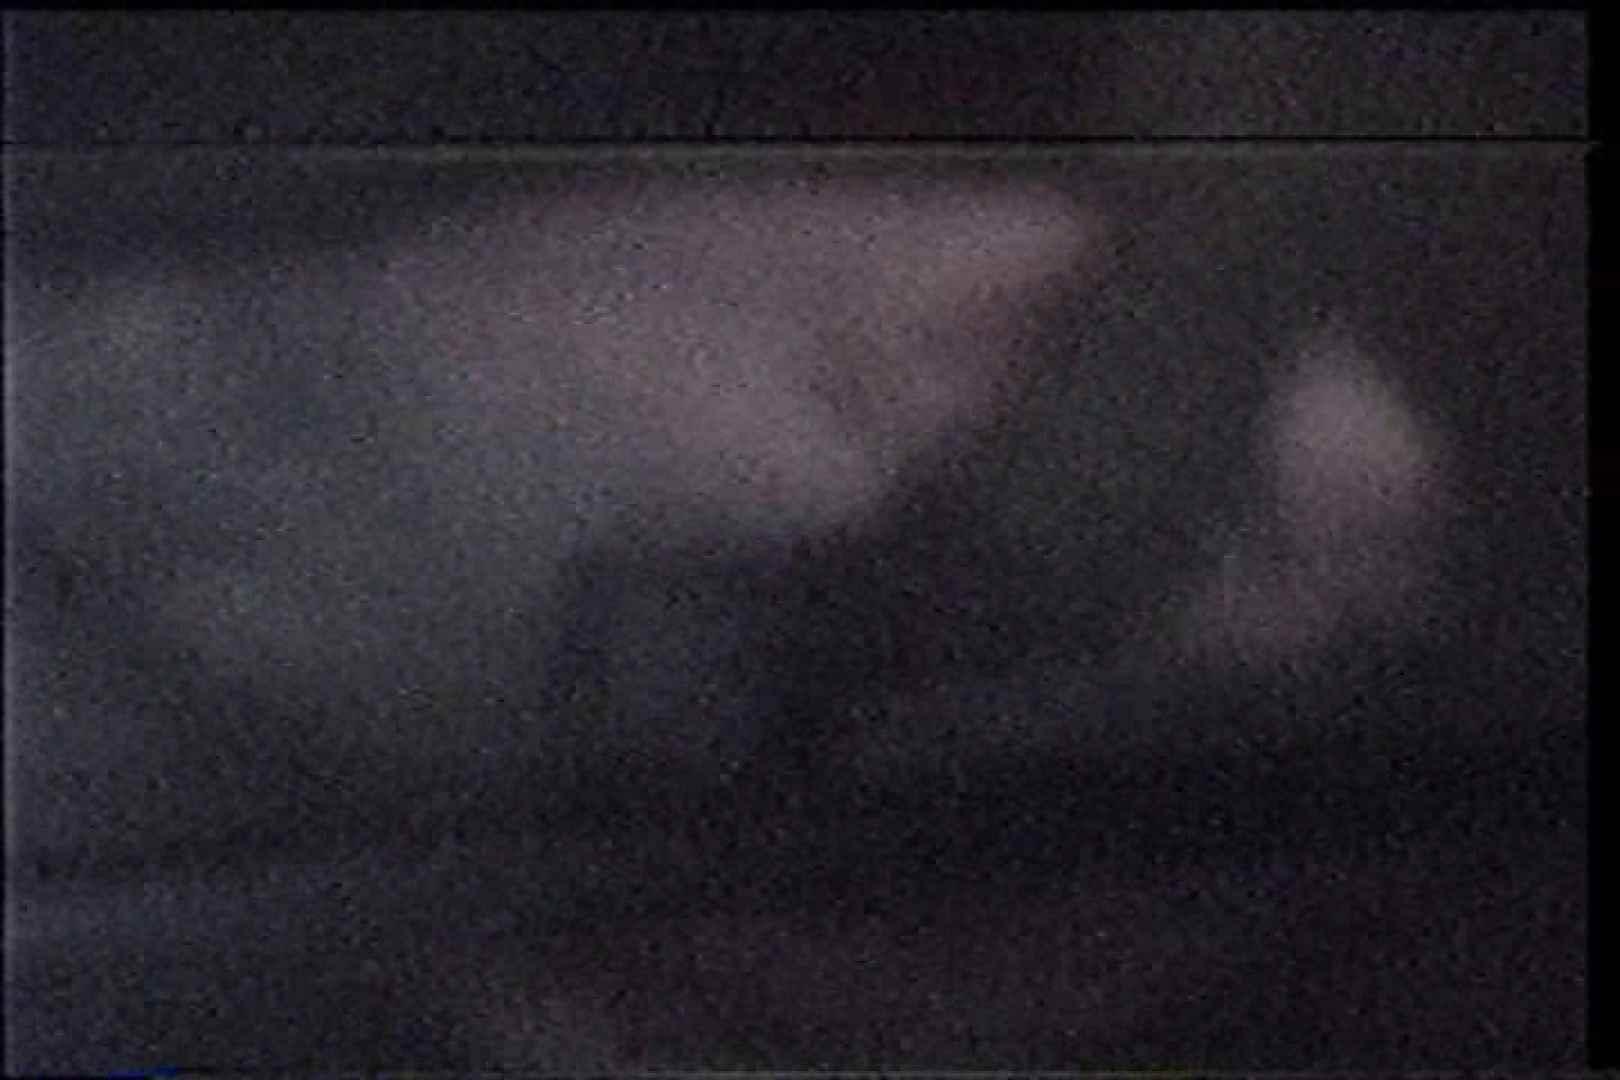 充血監督の深夜の運動会Vol.229 OLセックス 隠し撮りオマンコ動画紹介 92画像 22